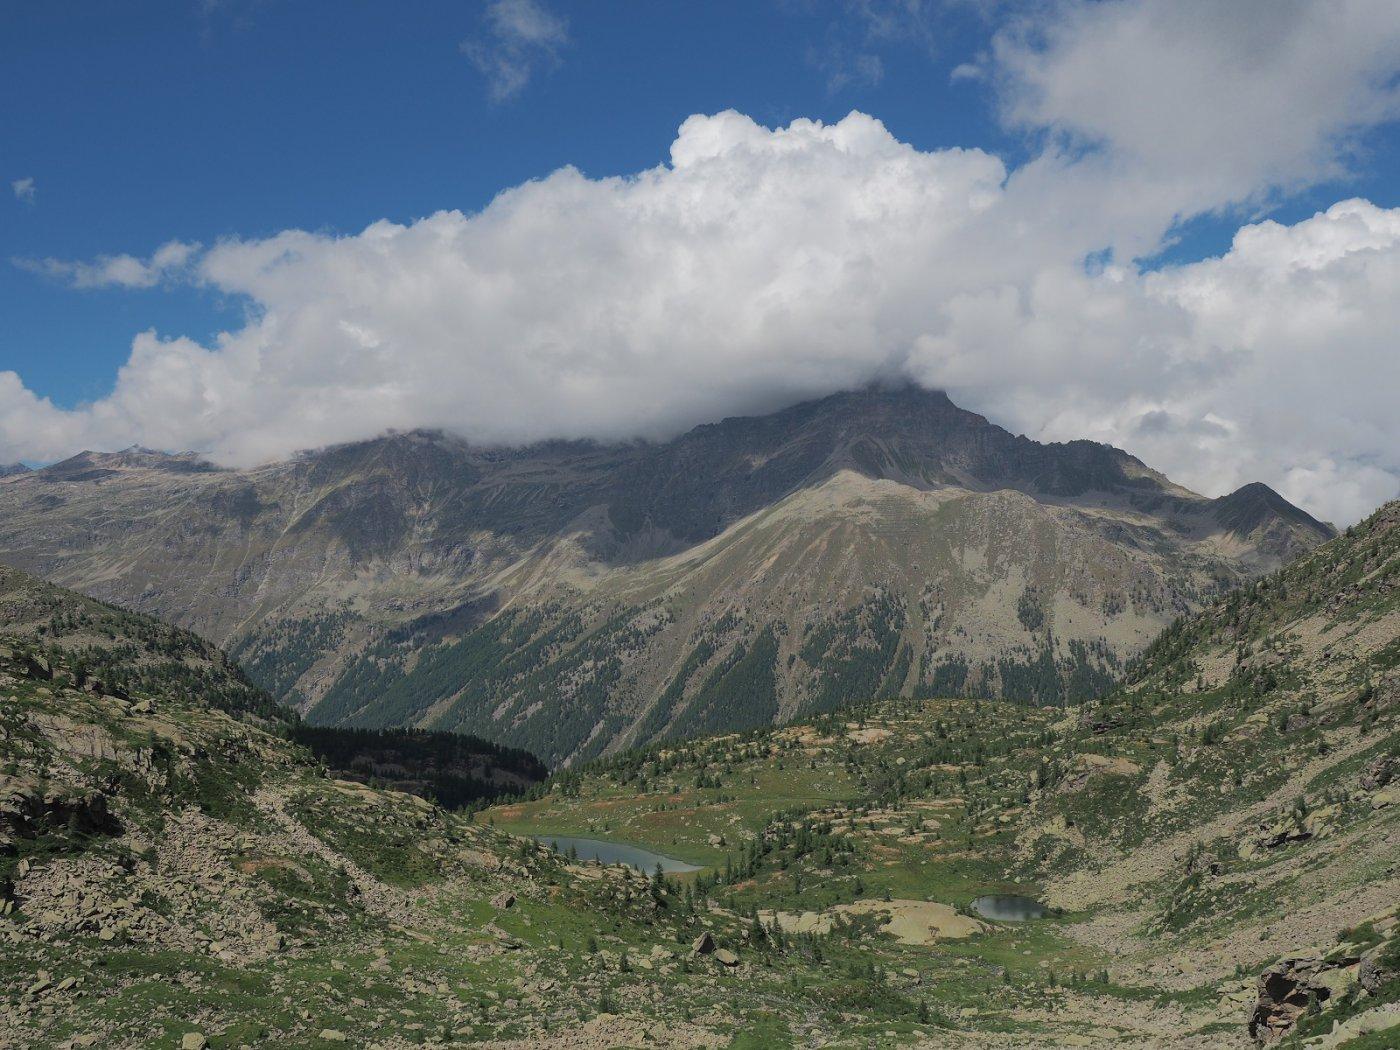 Il lago di Dres (a sinistra) visto dal sentiero che sale al Colle della Piccola